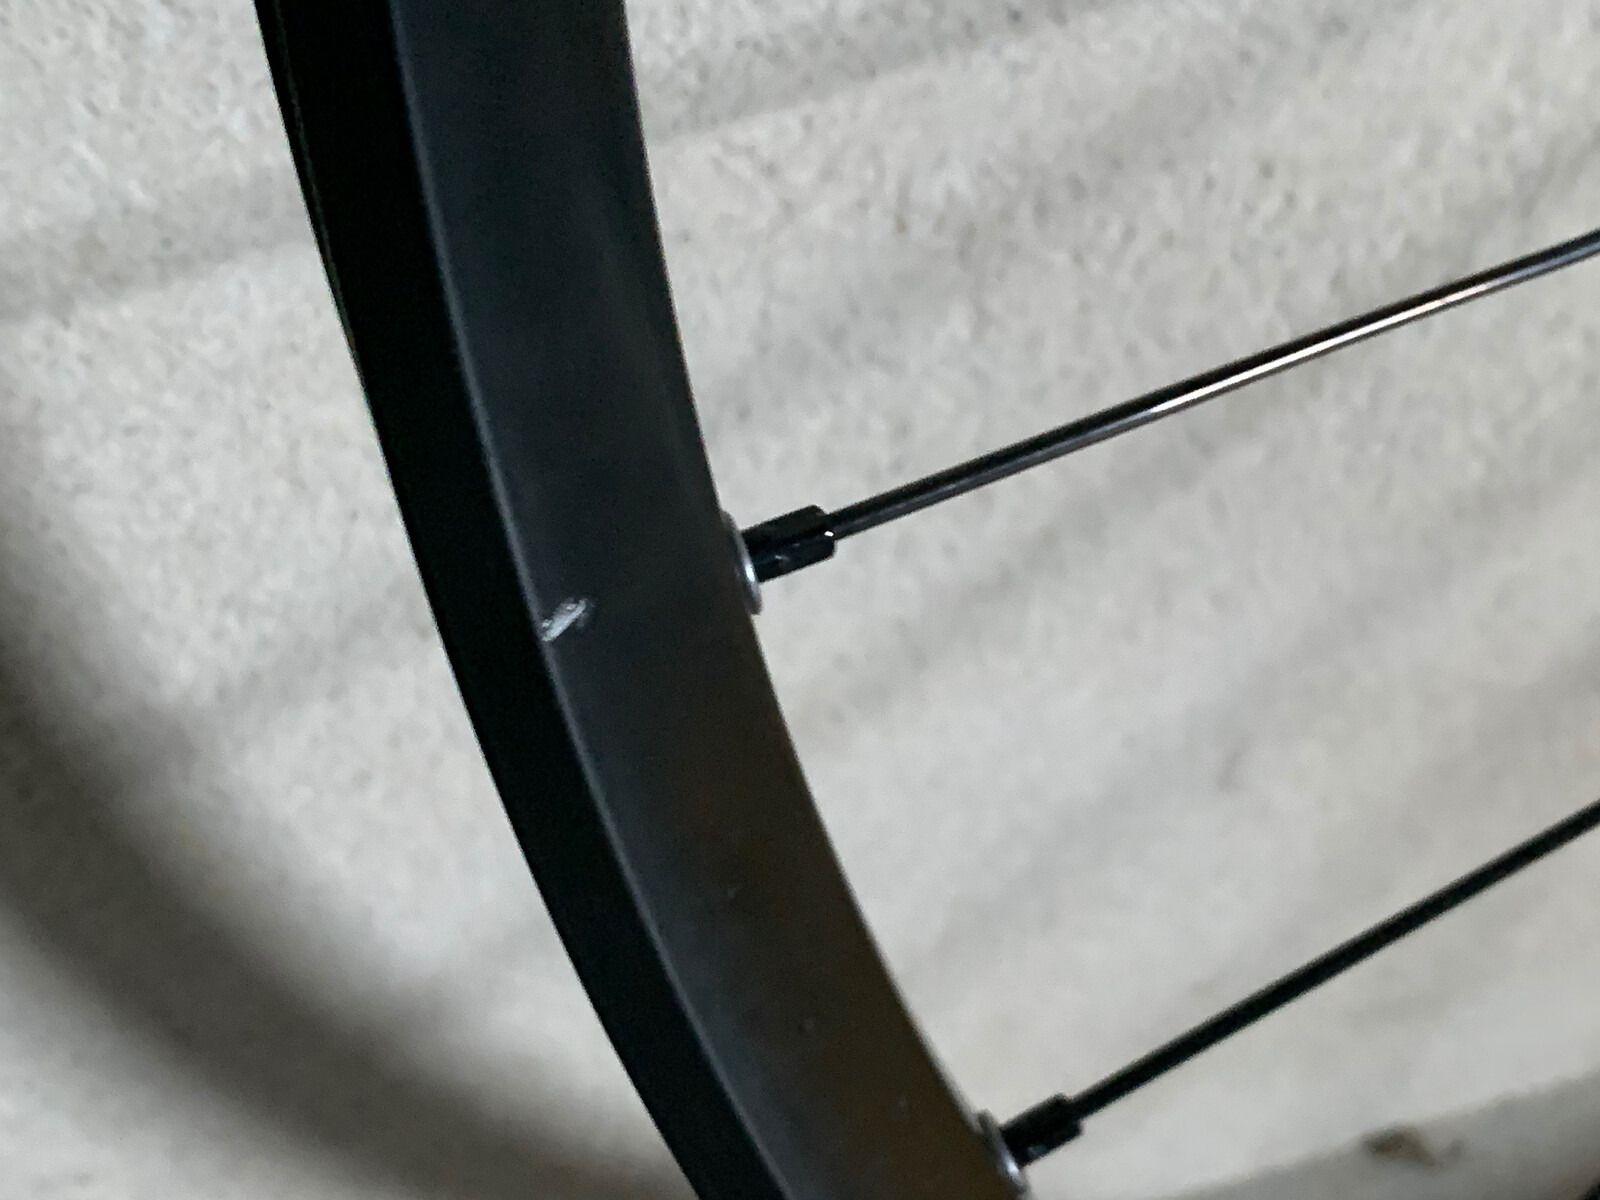 DT Swiss M1700 Spline 25мм 29